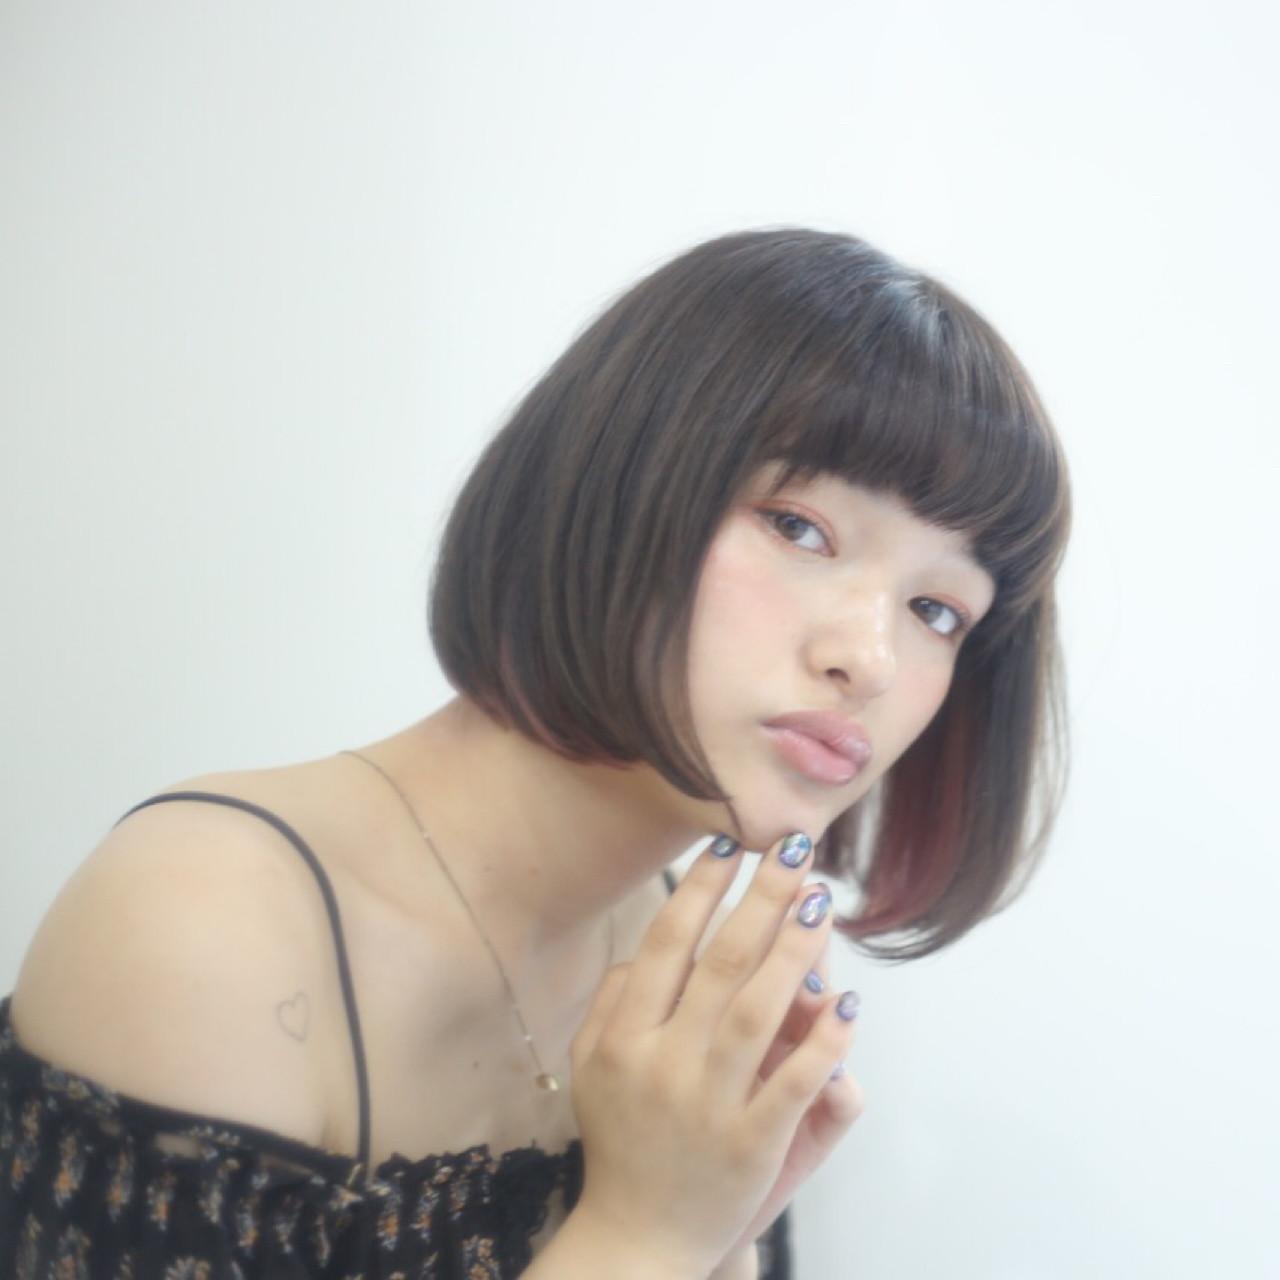 暗髪 ハイライト ボブ 黒髪 ヘアスタイルや髪型の写真・画像 | 本田寿雄 / kith.